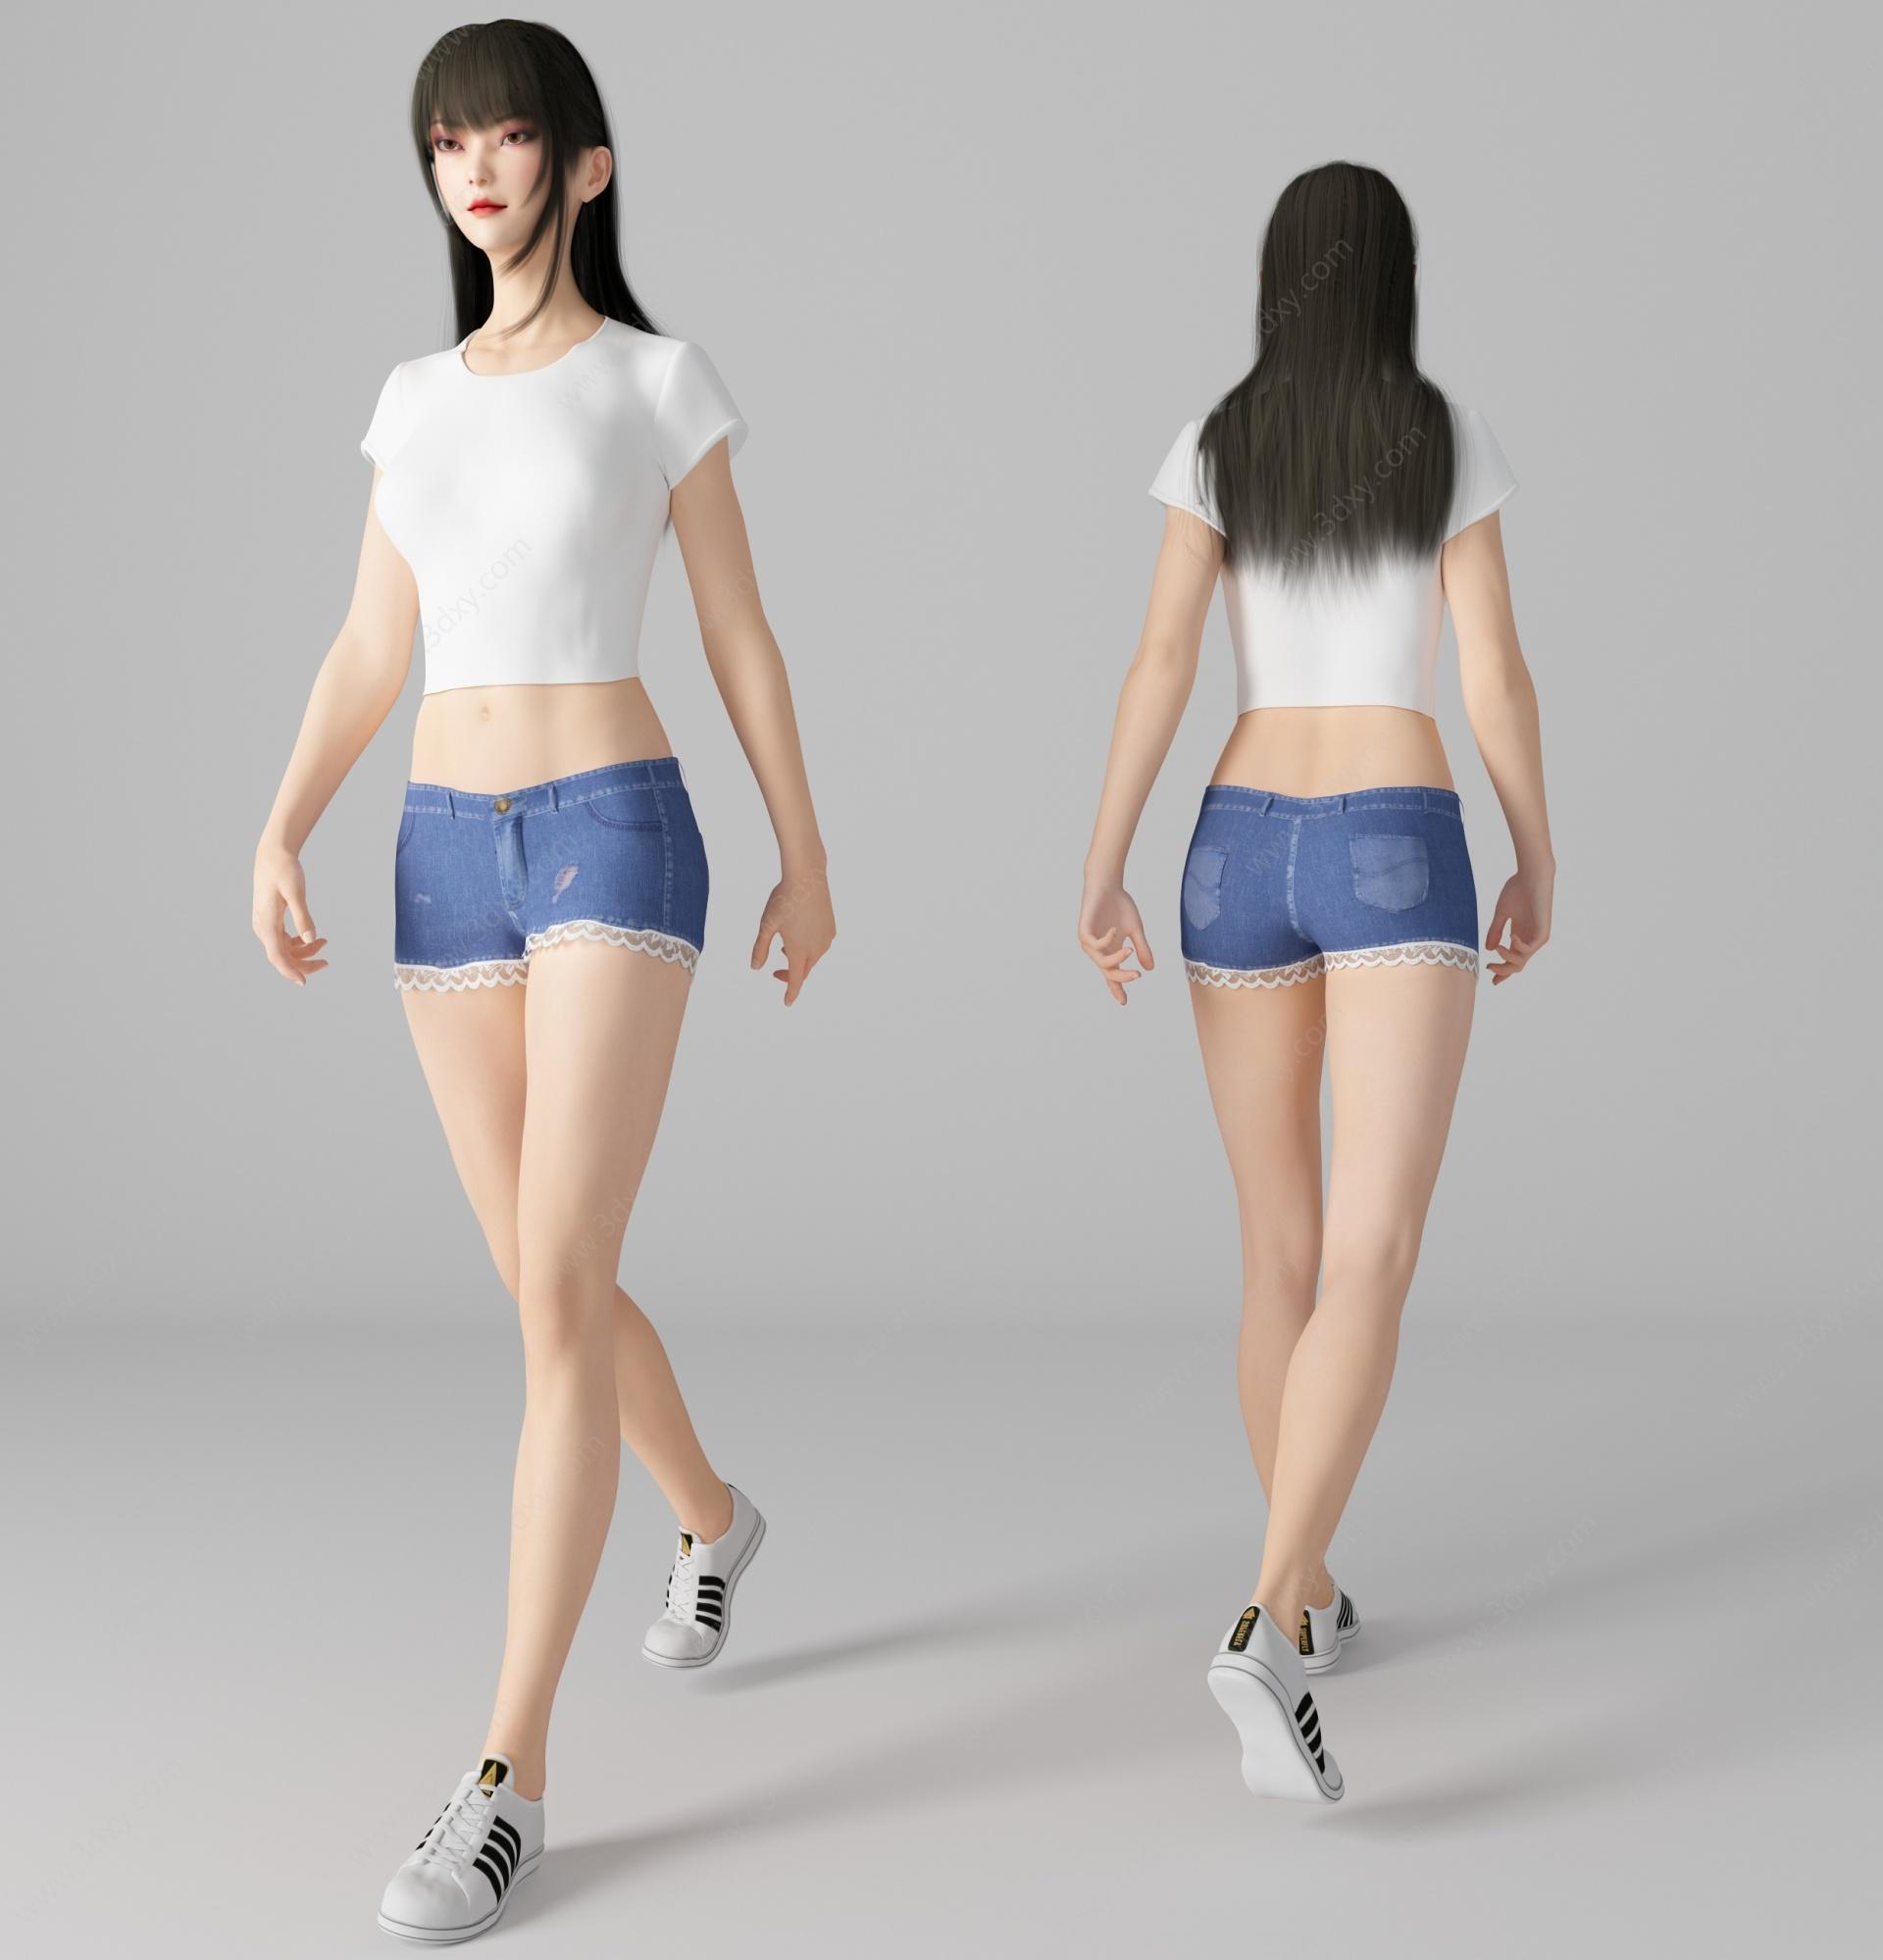 現代風格性感美女人物3D模型